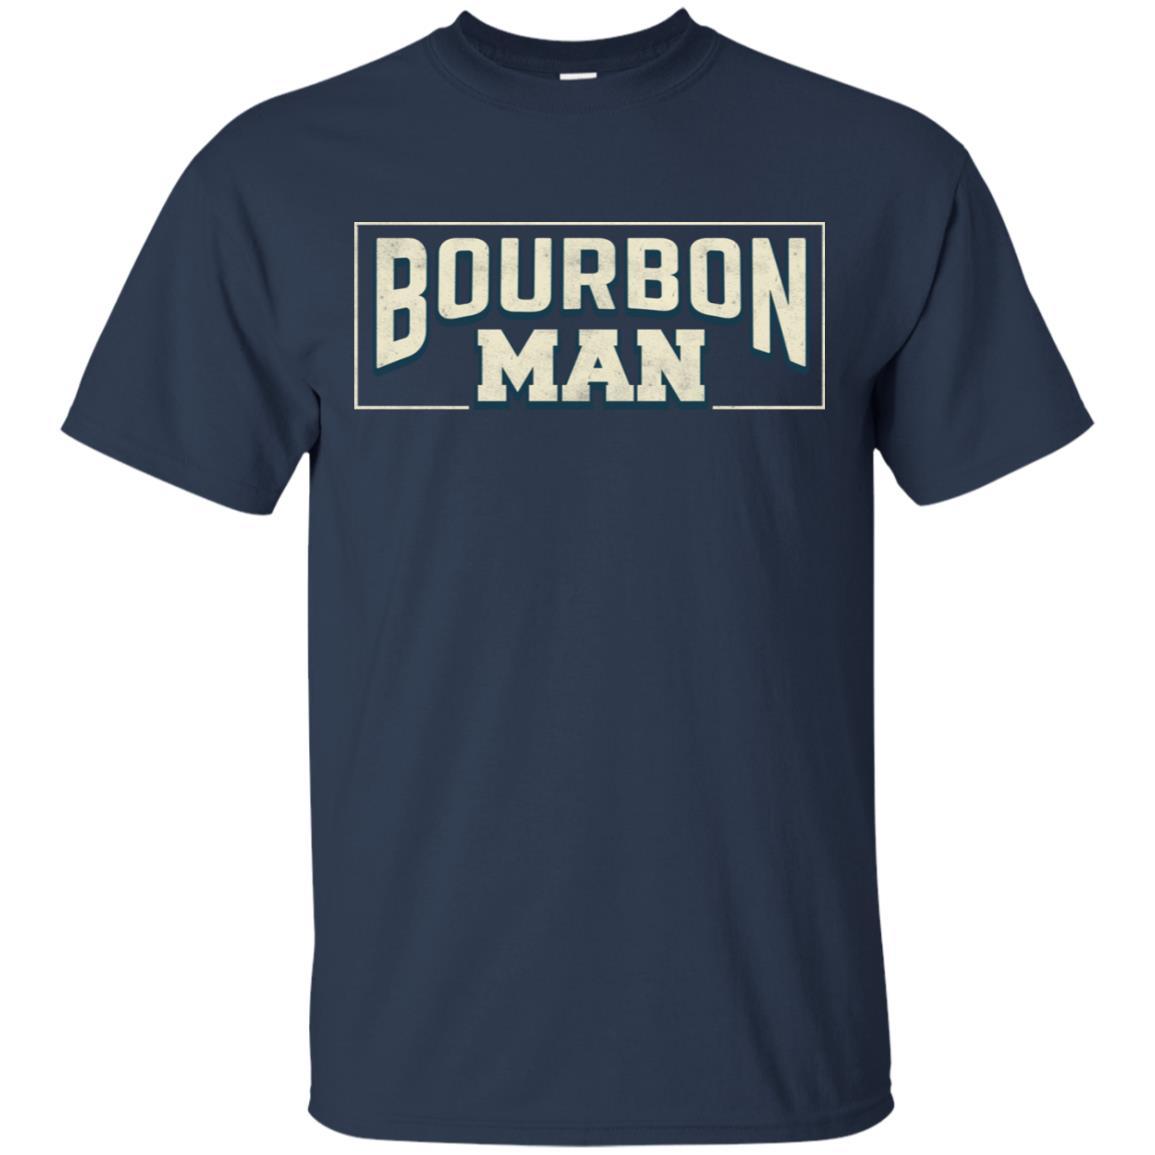 Bourbon Man Loves Bourbon Unisex Short Sleeve